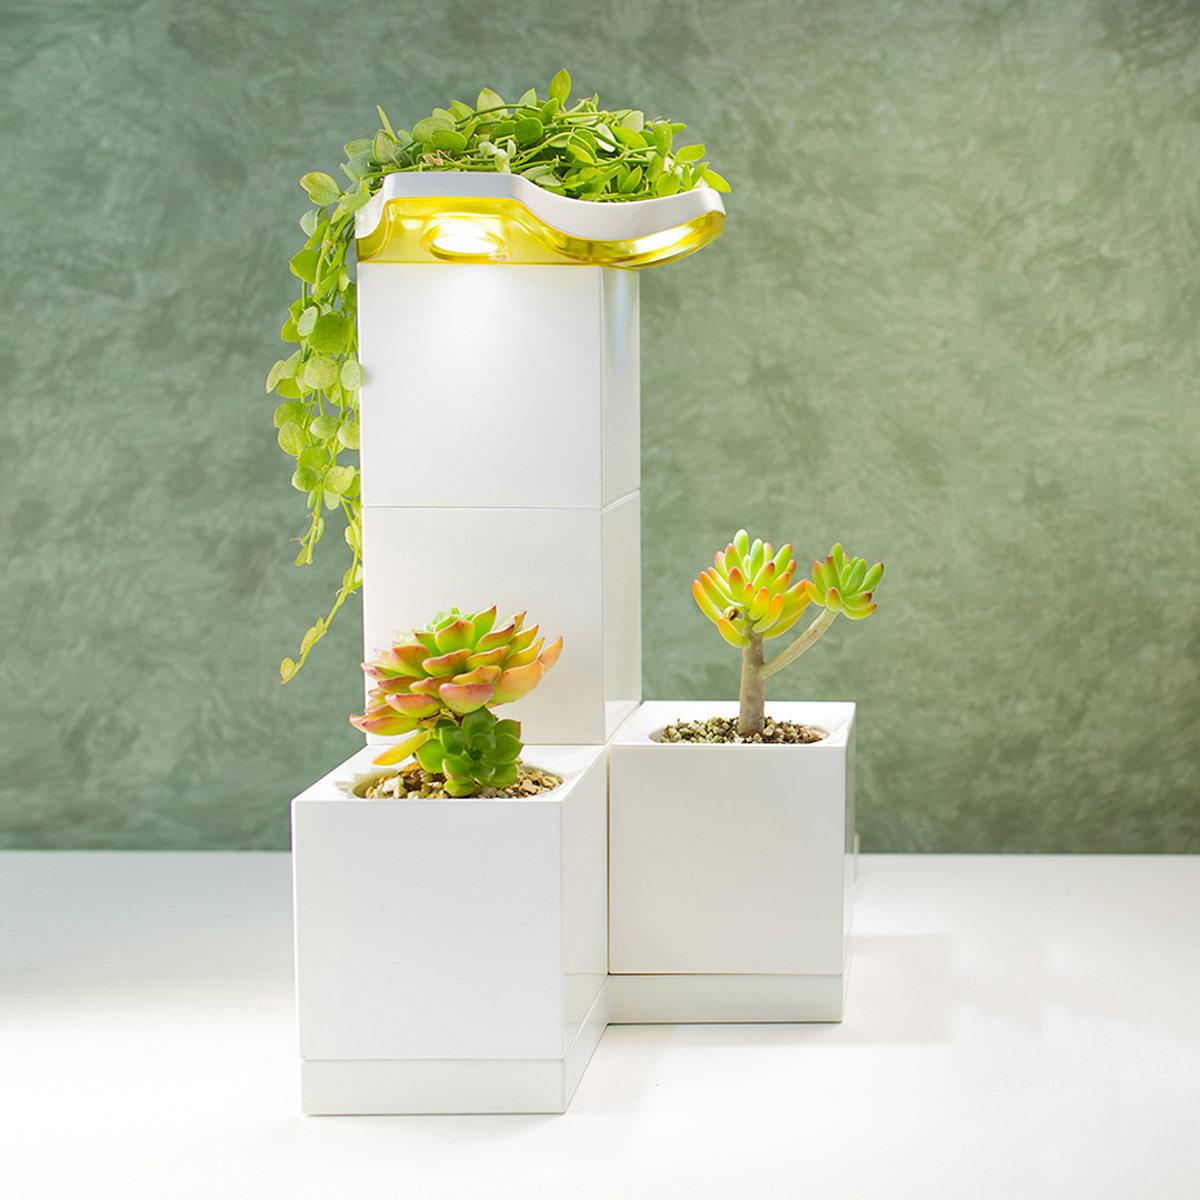 LeGrow Smart Garden Kit #496A05